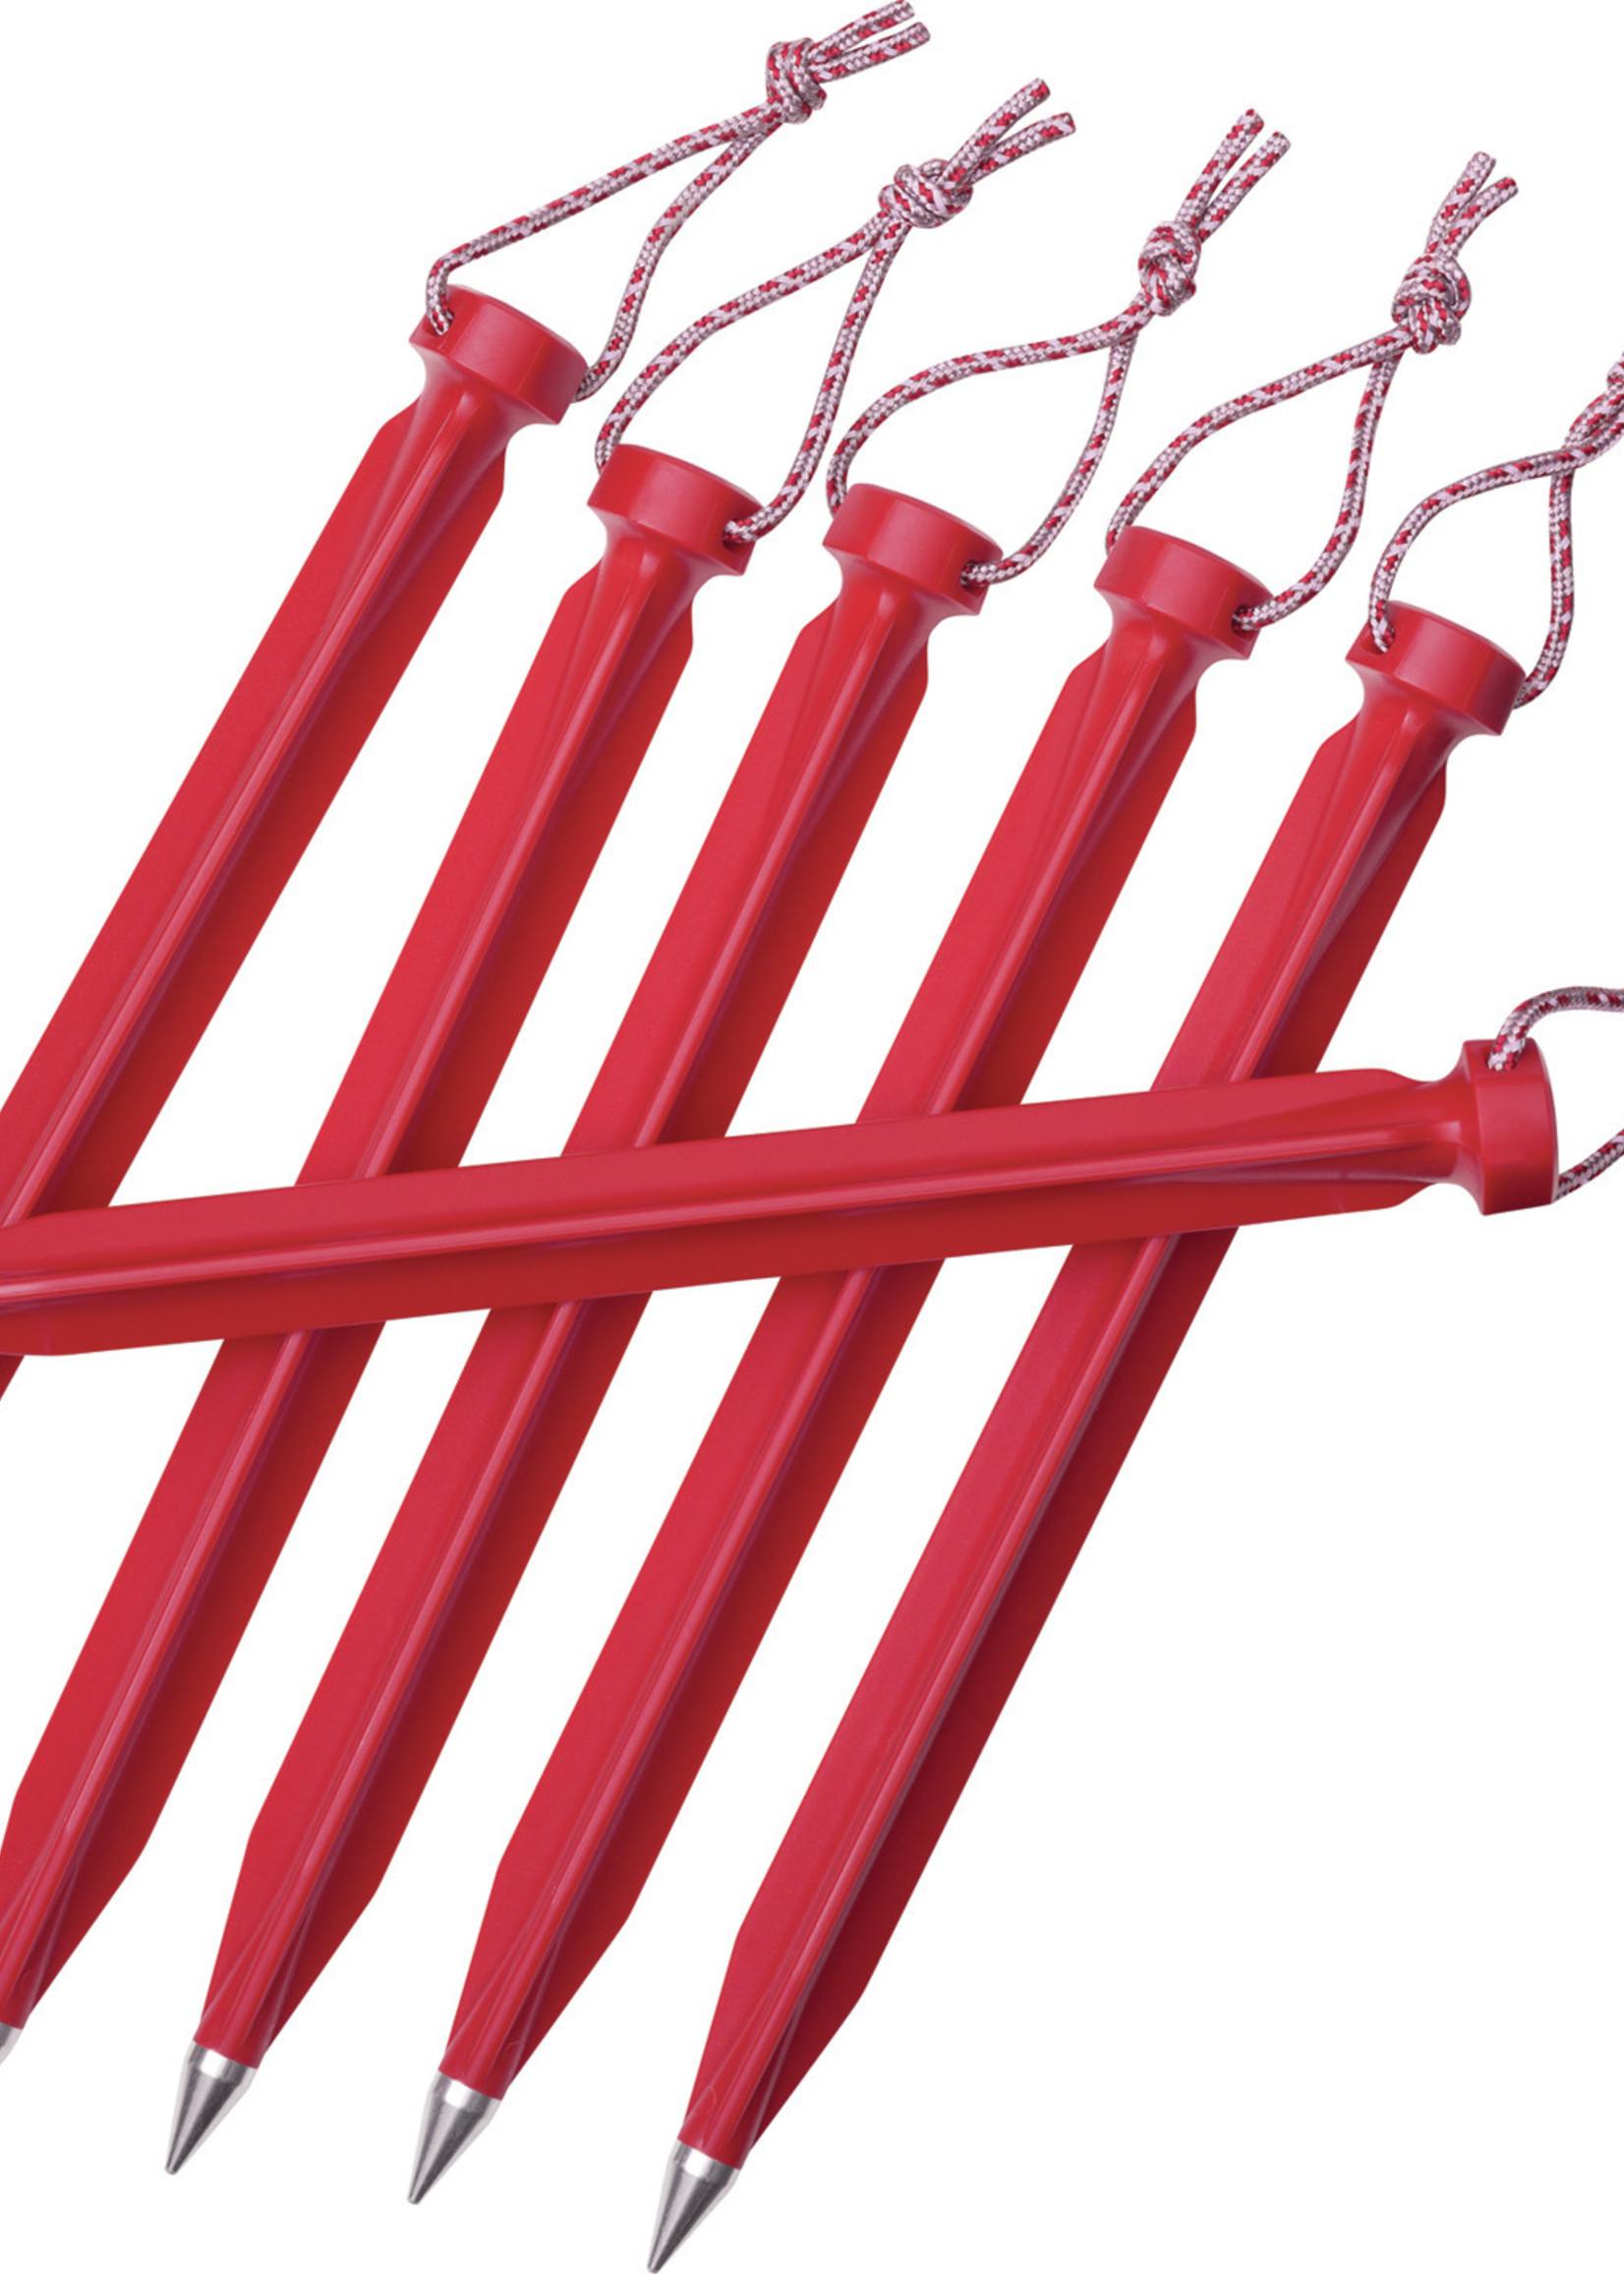 MSR Dart Stake Kit Red 6 inch kit